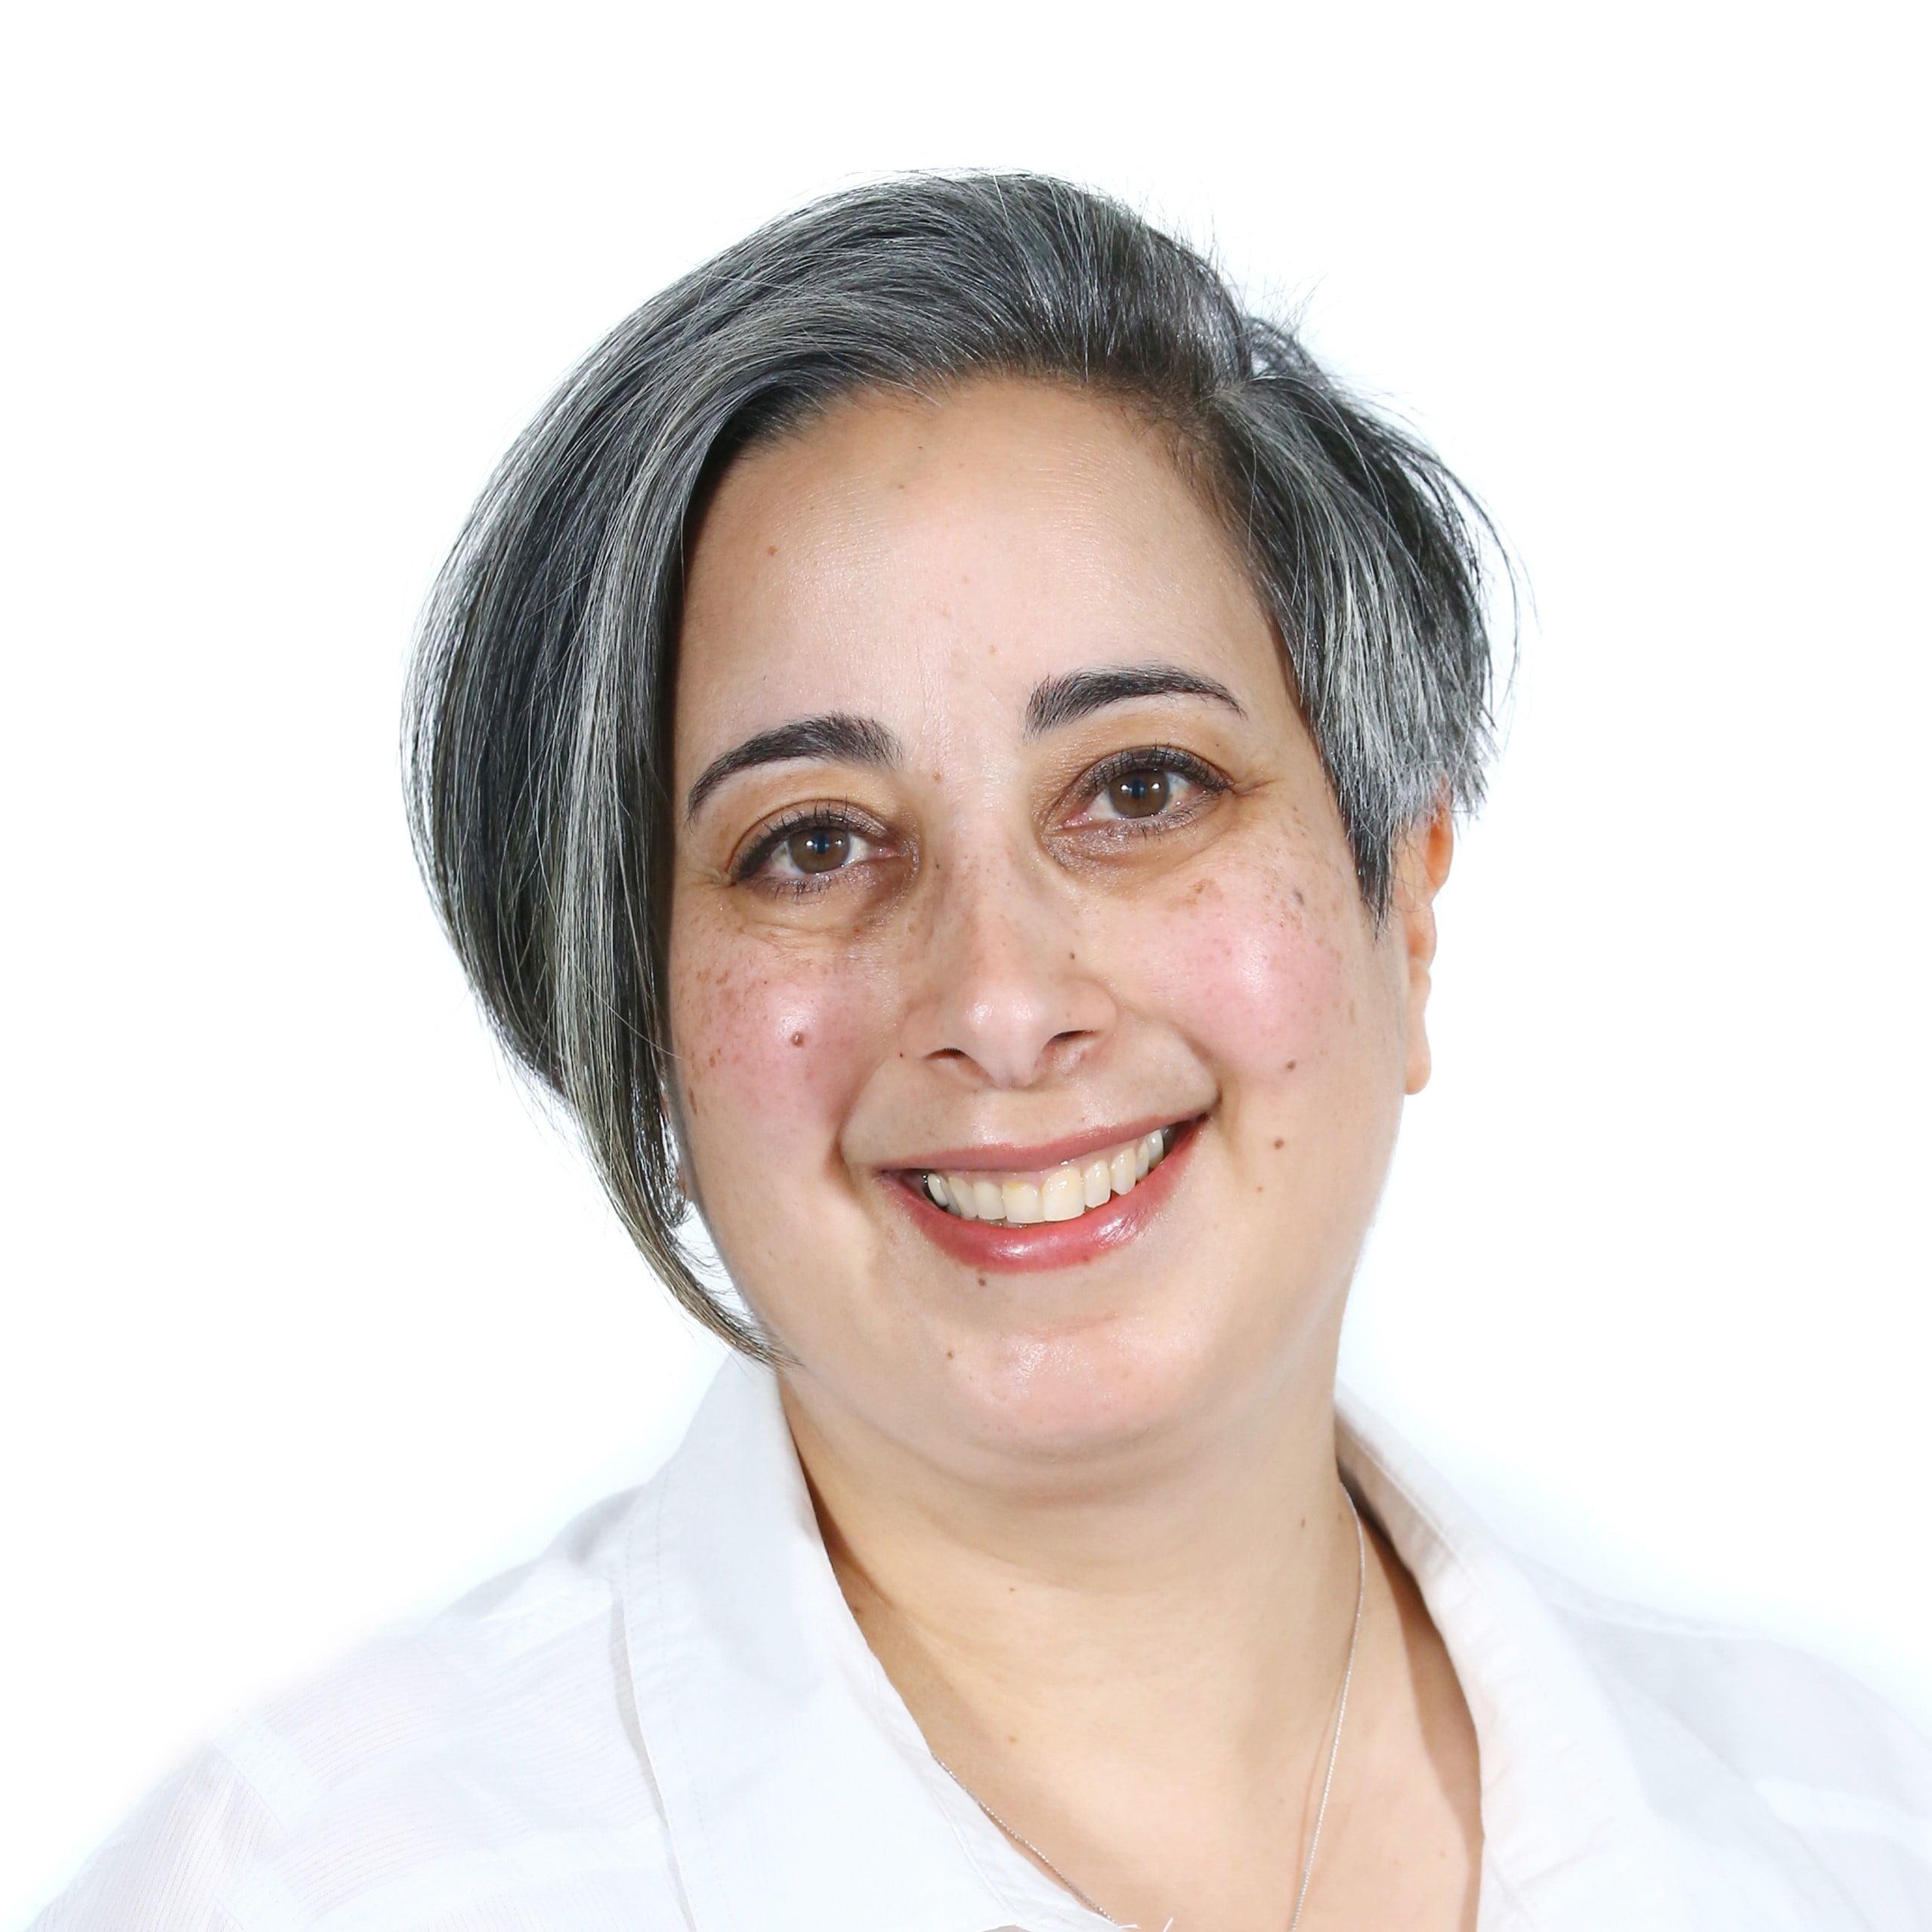 Shira Rosenbaum